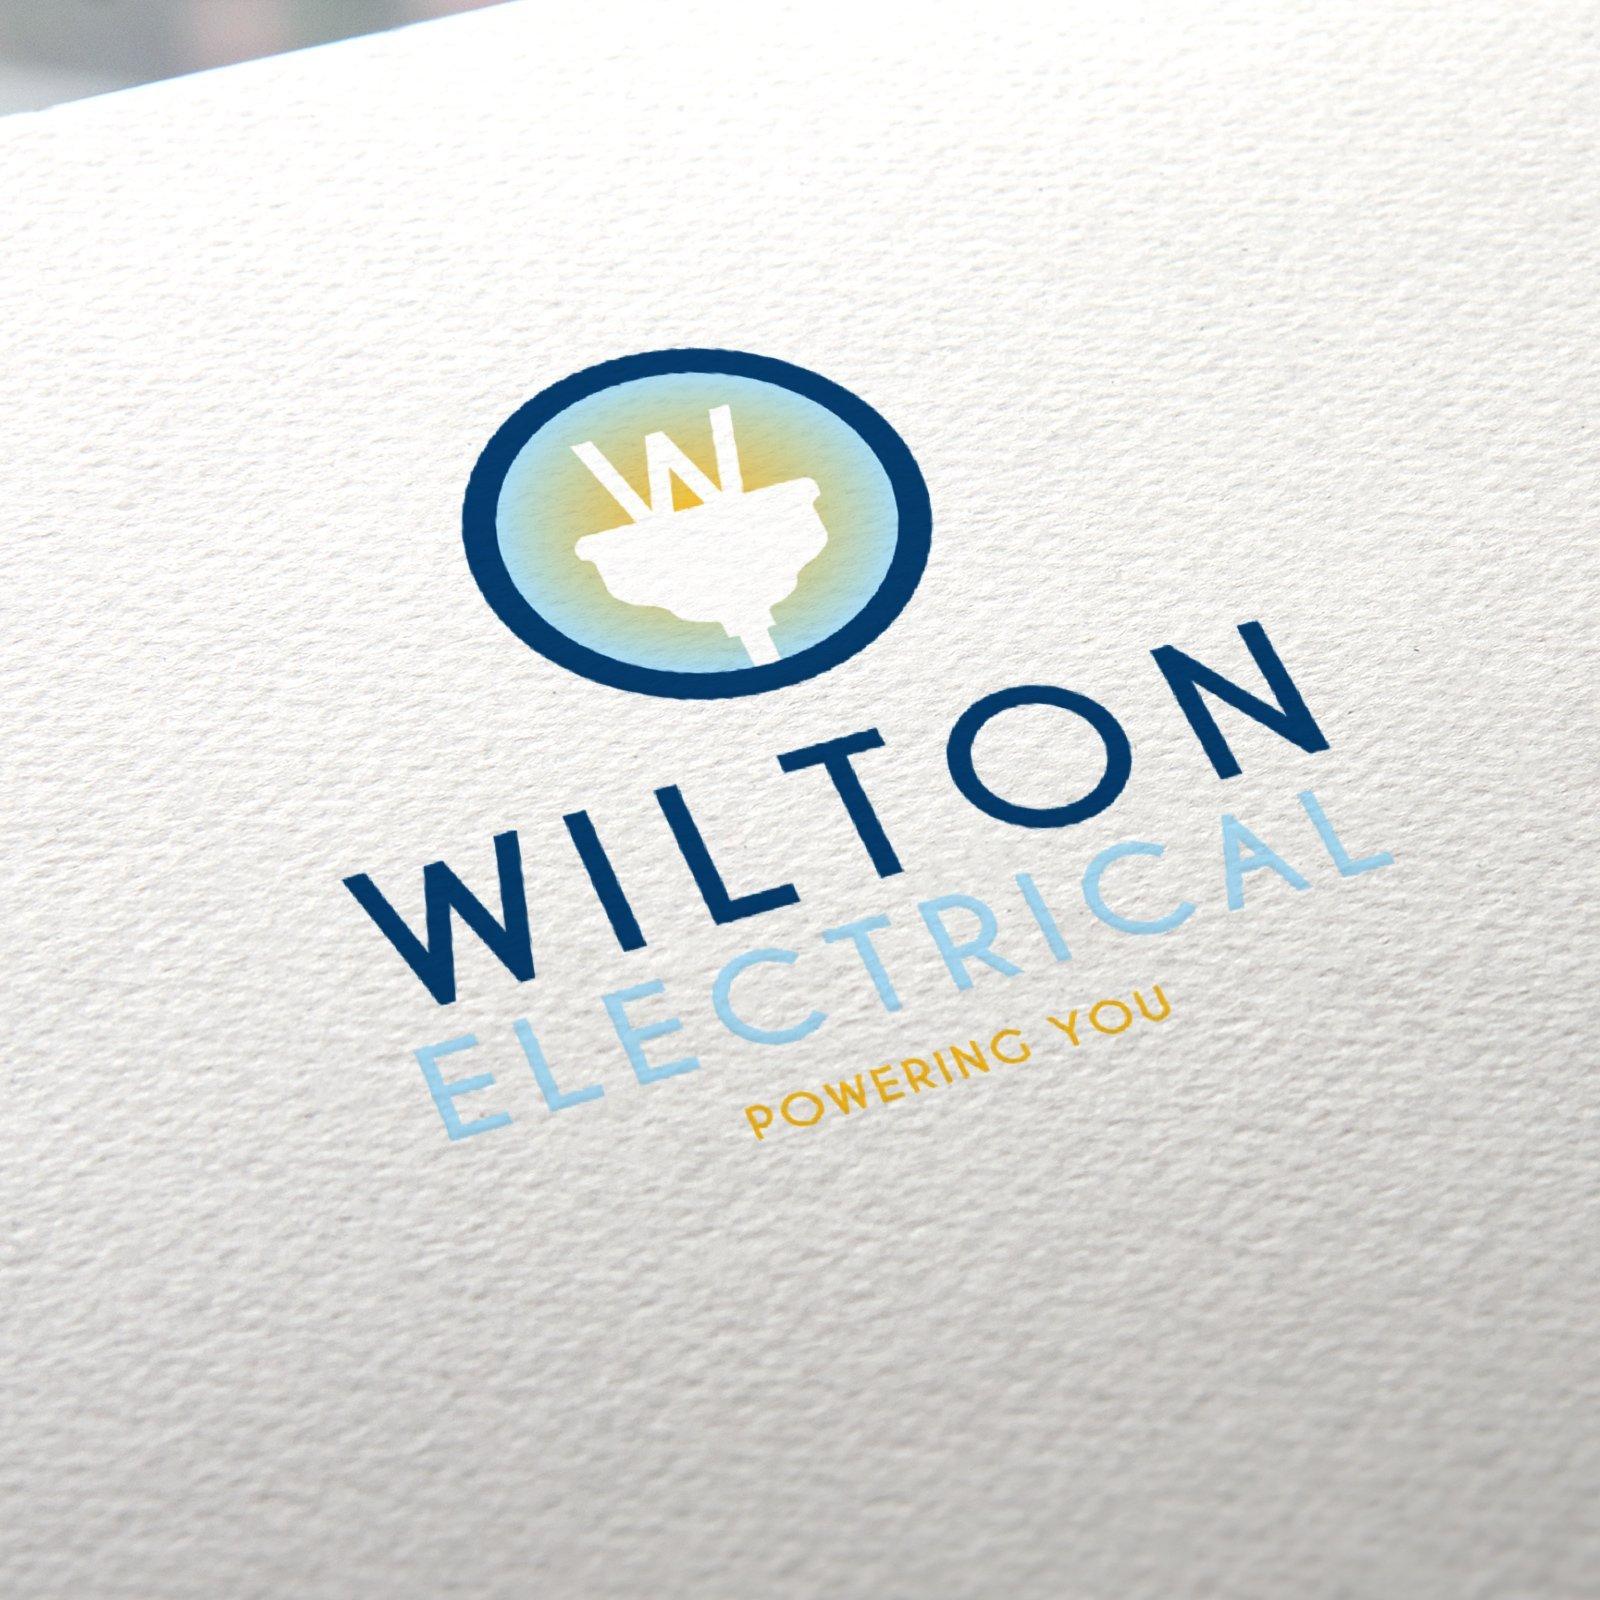 Wilton Electrical Logo Design